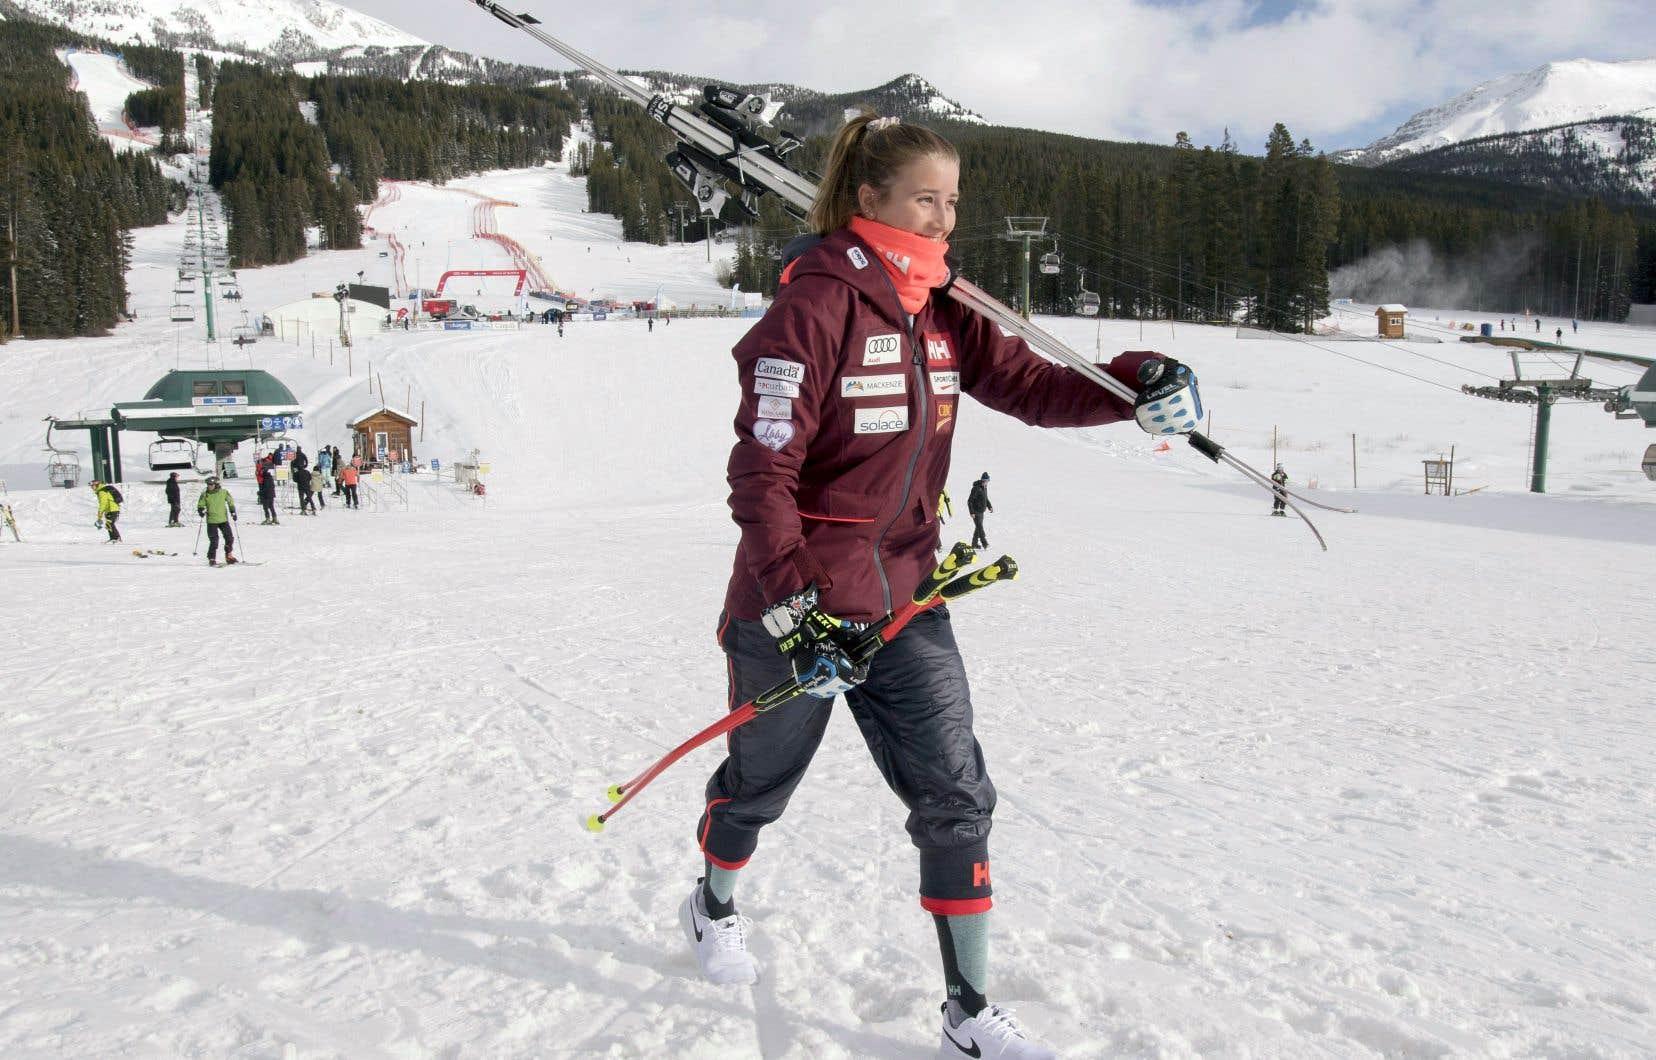 Stephanie Fleckenstein, de l'équipe canadienne, s'est résignée à retourner au chalet après l'annulation d'une descente d'entraînement à la Coupe du monde à Lake Louise, en Alberta, le 29 novembre dernier, en raison du temps trop clément.